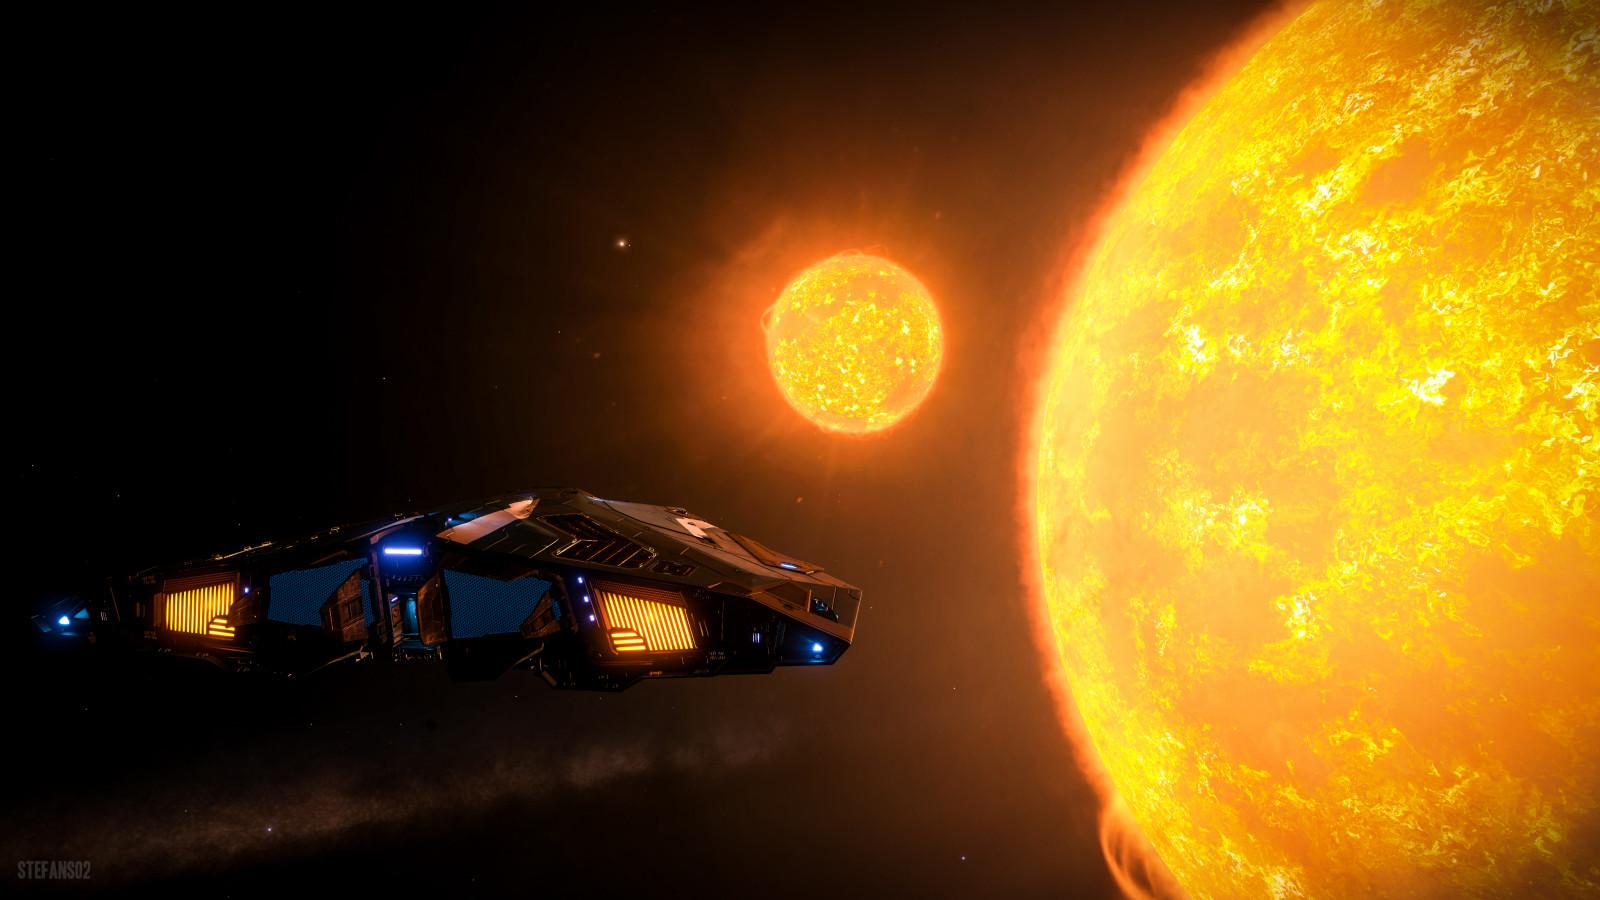 Masaüstü : Seçkinler, tehlikeli, Simülasyon, Dövüşmek, Boşluk, Sistem, gezegen, Gezegenler, Sınır, Gelişmeler, Uzay gemisi, pilot, açık, Dünya, Yörünge, uzay istasyonu, Istasyon, Ufuklar, Sütlü, Yol, Aşağı örnekleme, Hotsampling, Hotsampled, Ekran ...